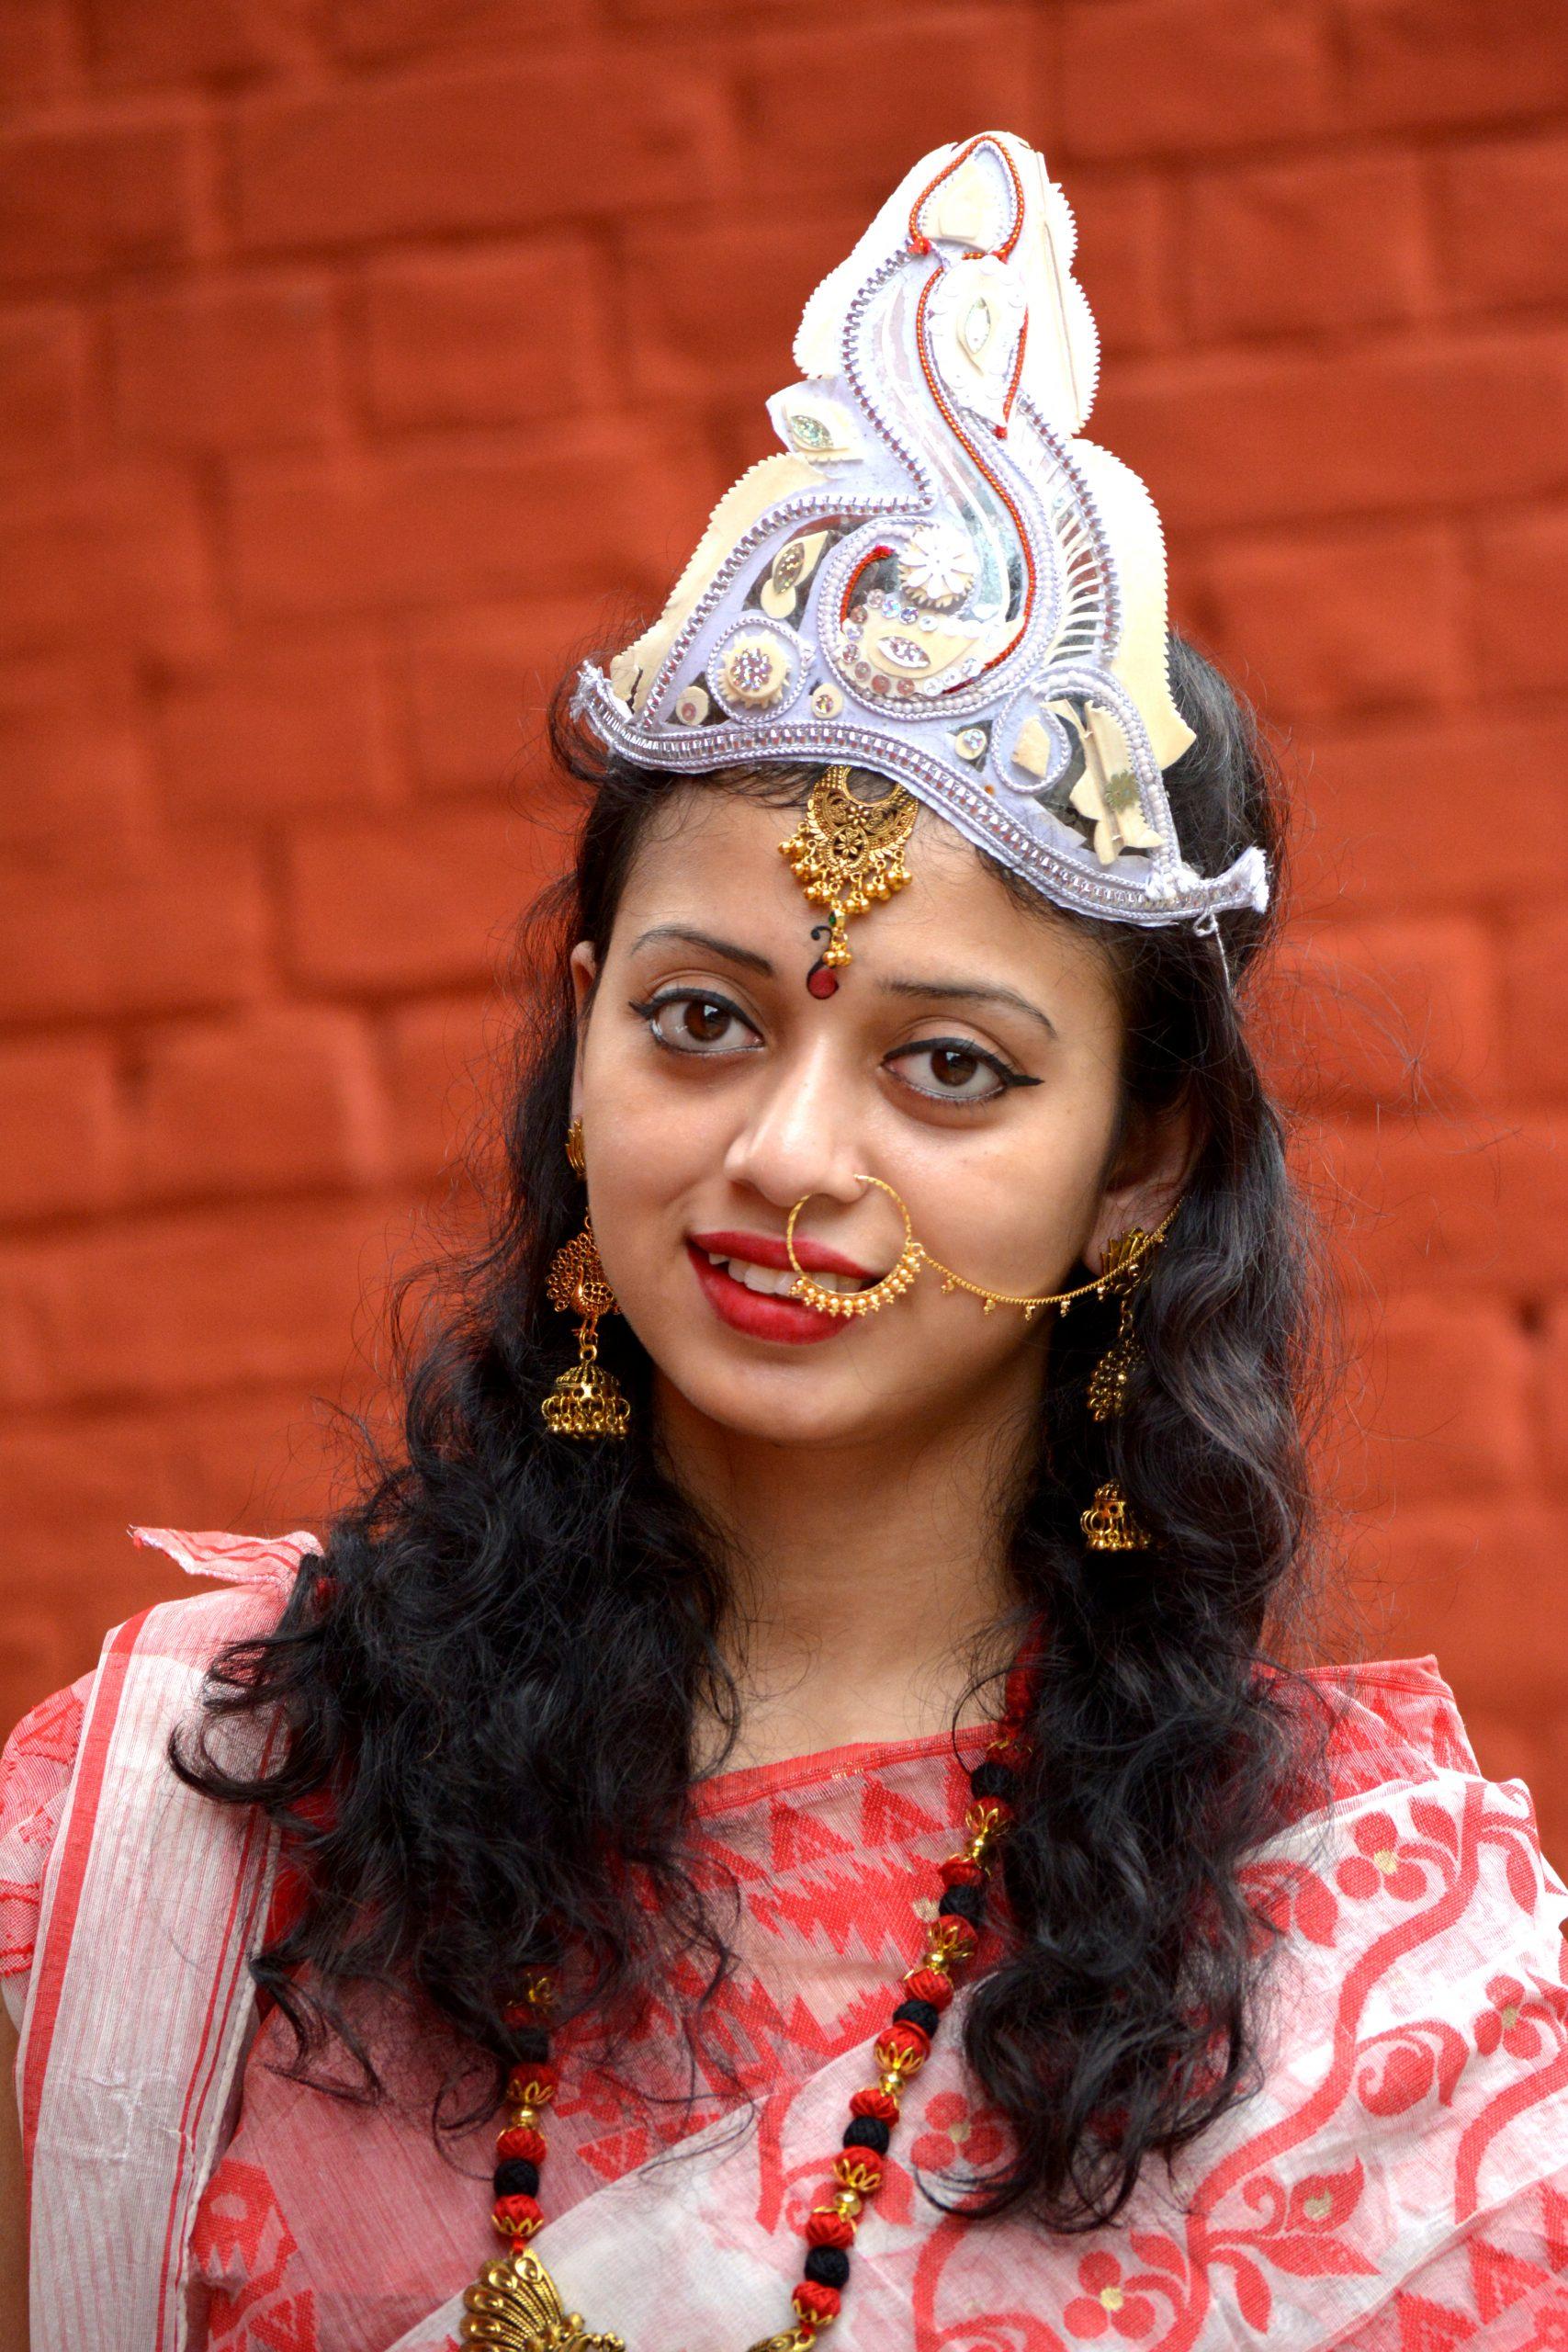 A girl in goddess costume